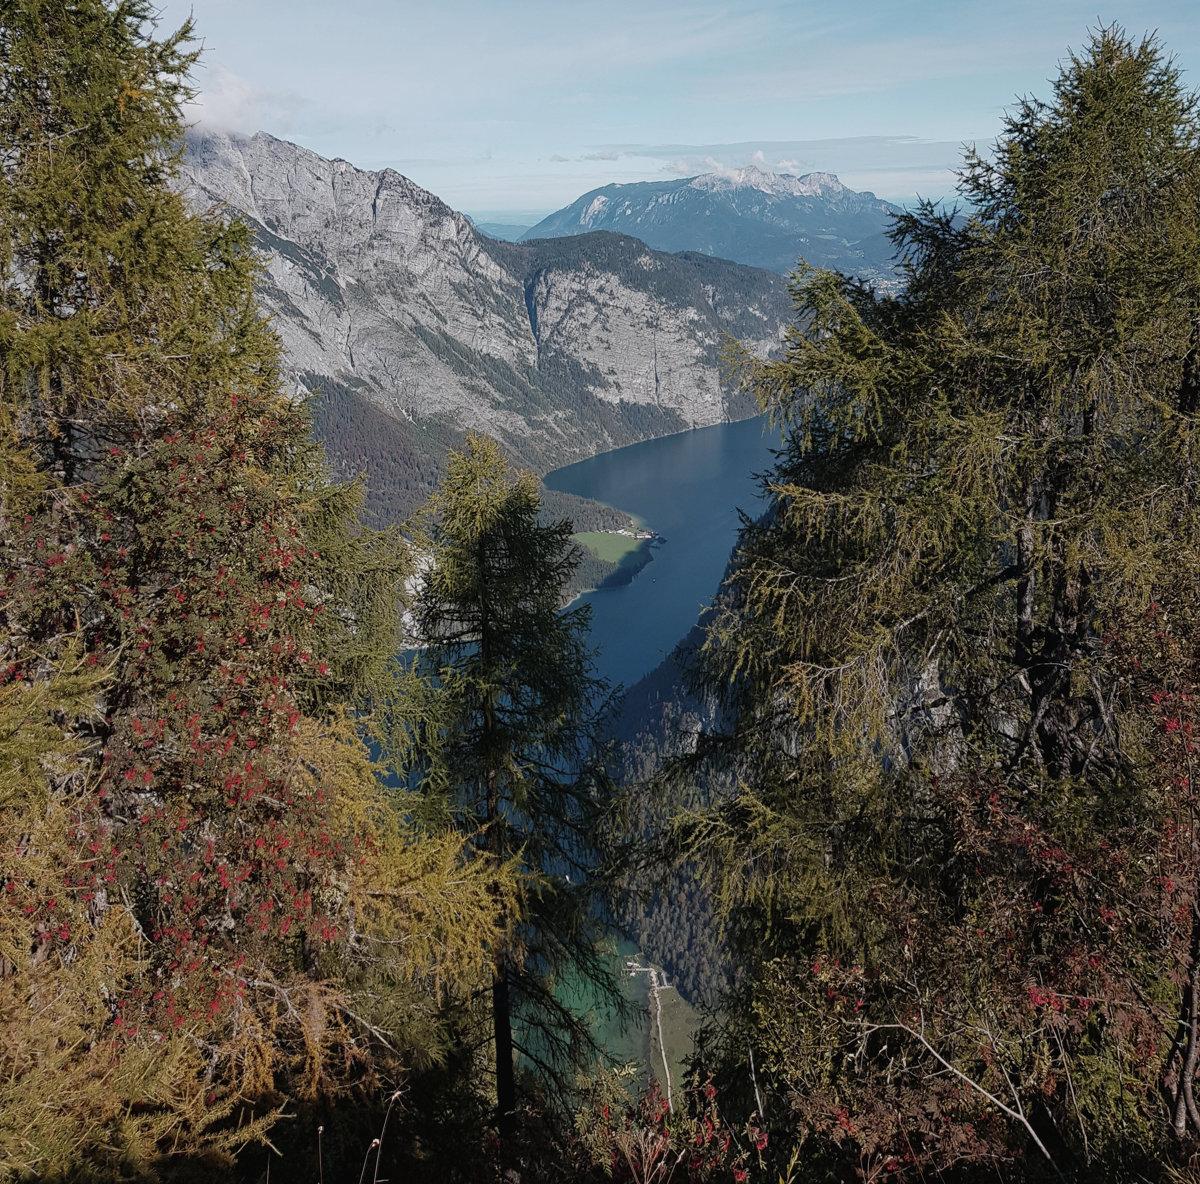 Grandioser Ausblick vom Halsköpfl auf den Königssee